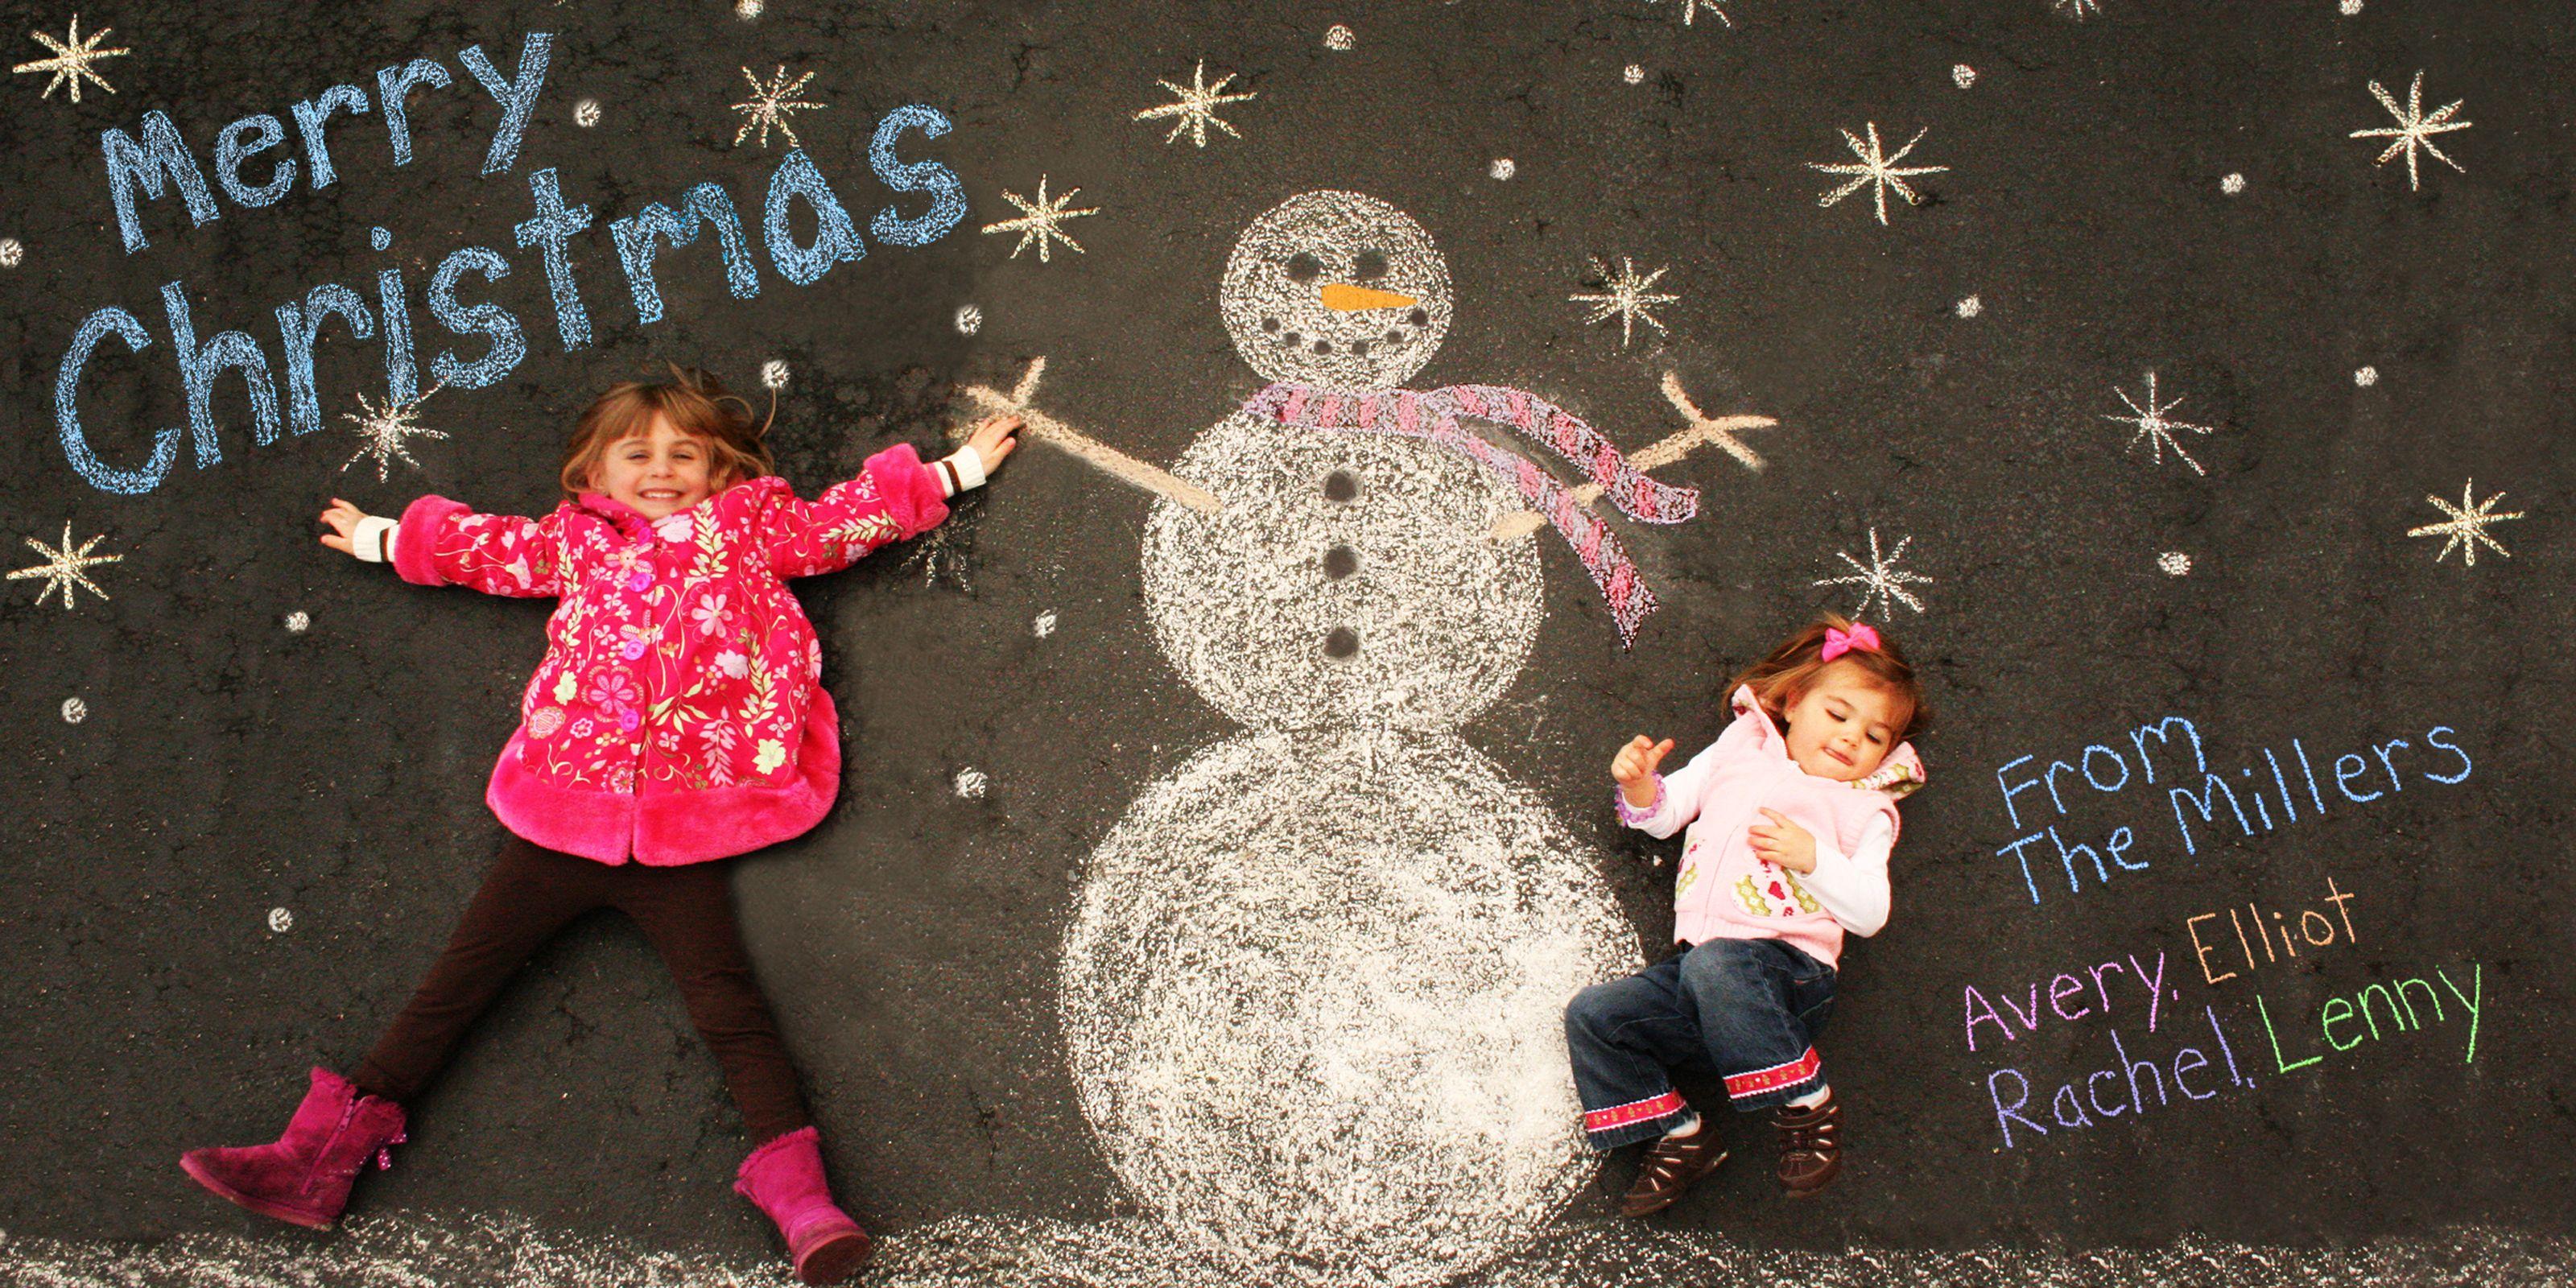 sidewalk chalk christmas card pennfoster bemorefestive. Black Bedroom Furniture Sets. Home Design Ideas